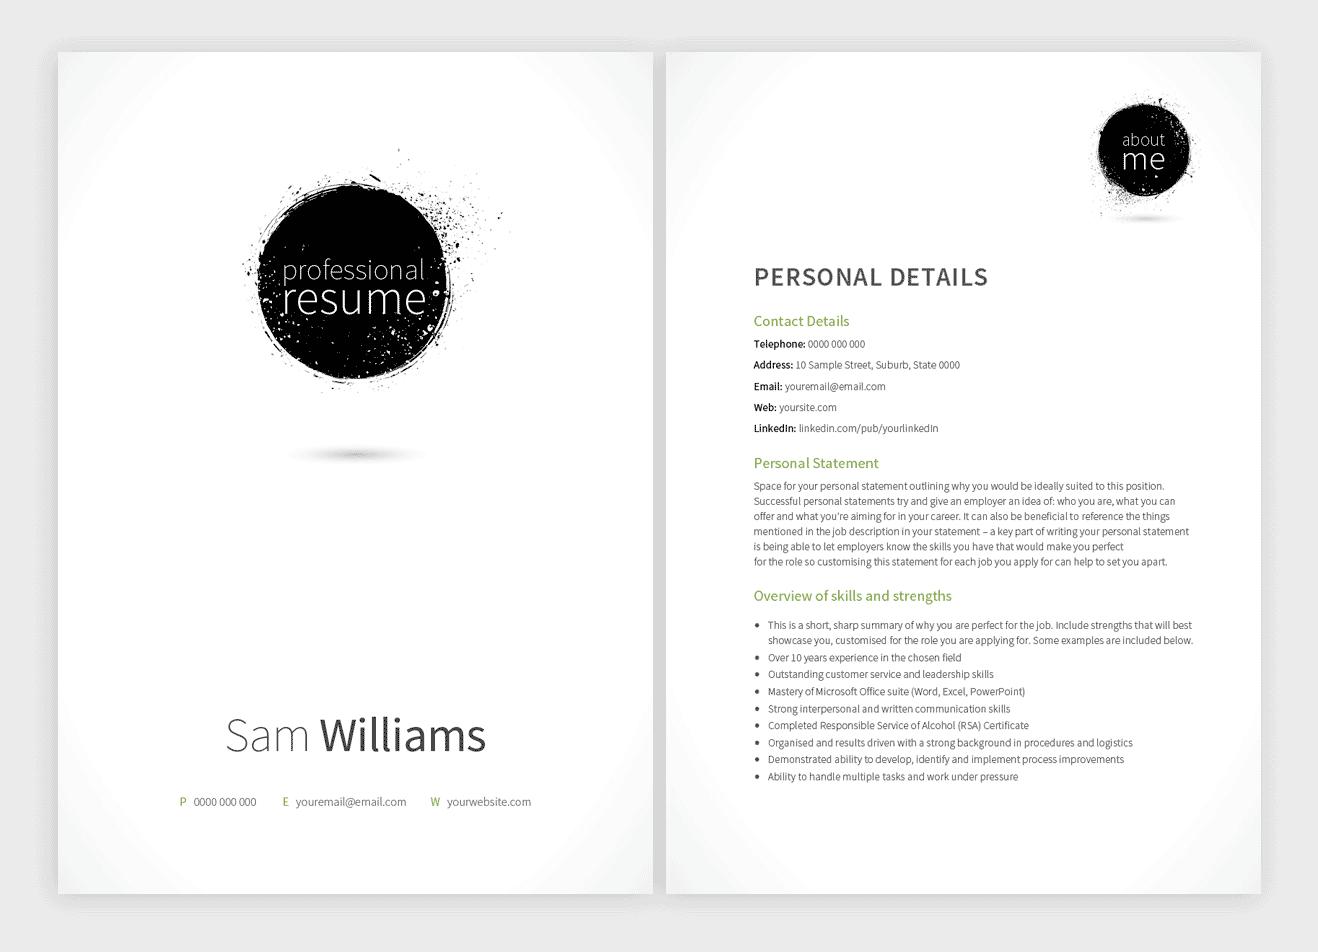 Blackfriars-resume-template